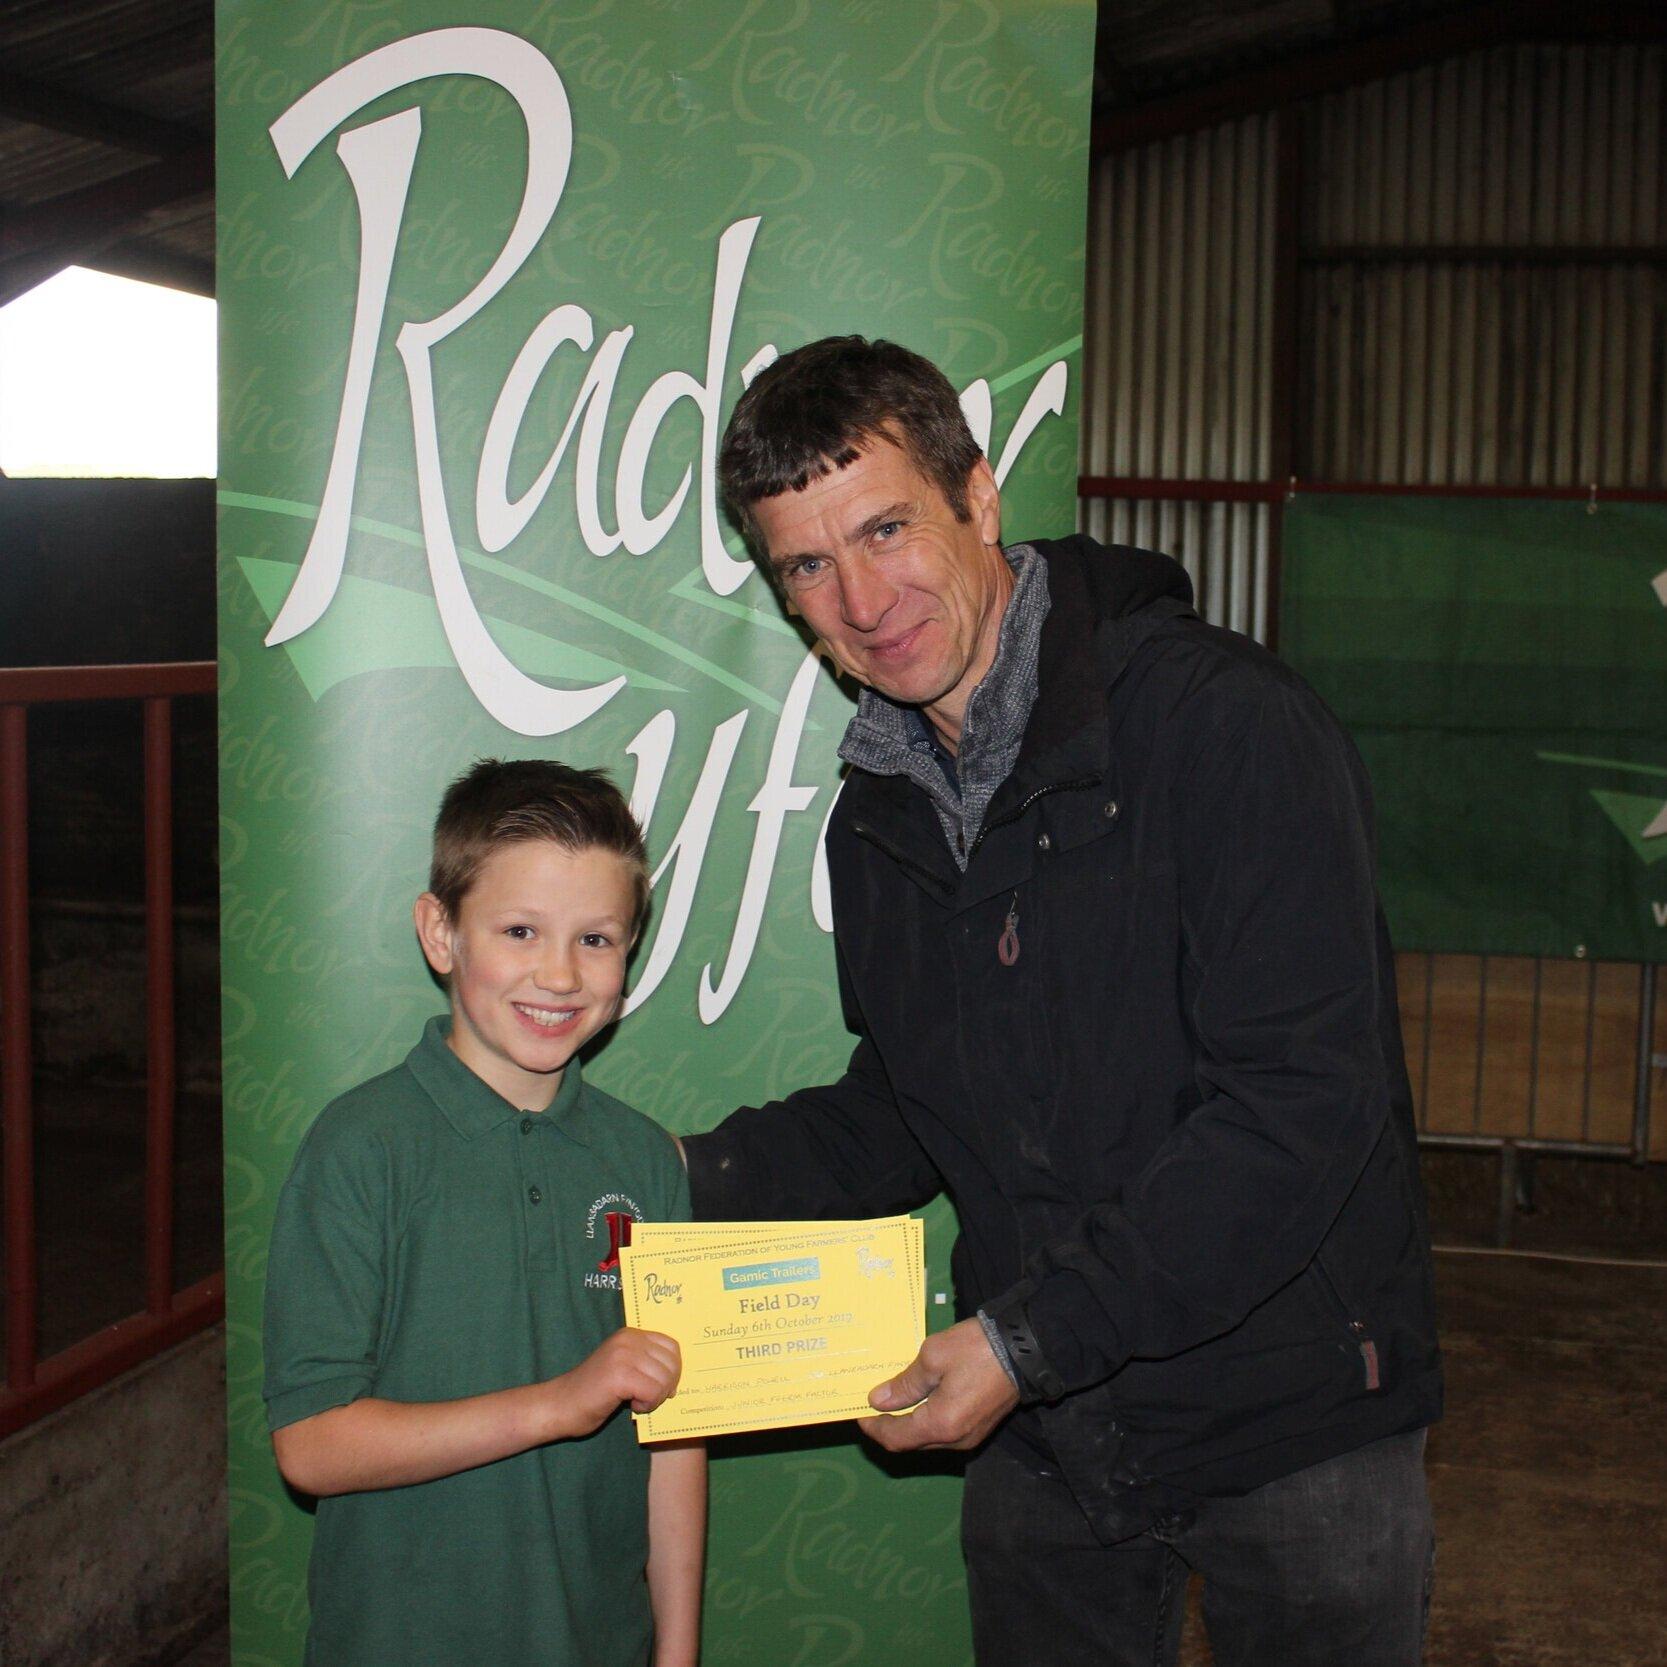 Harrison Powell, Llanbadarn Fynydd YFC - 3rd place in the Junior Fferm Factor with Mark Watson